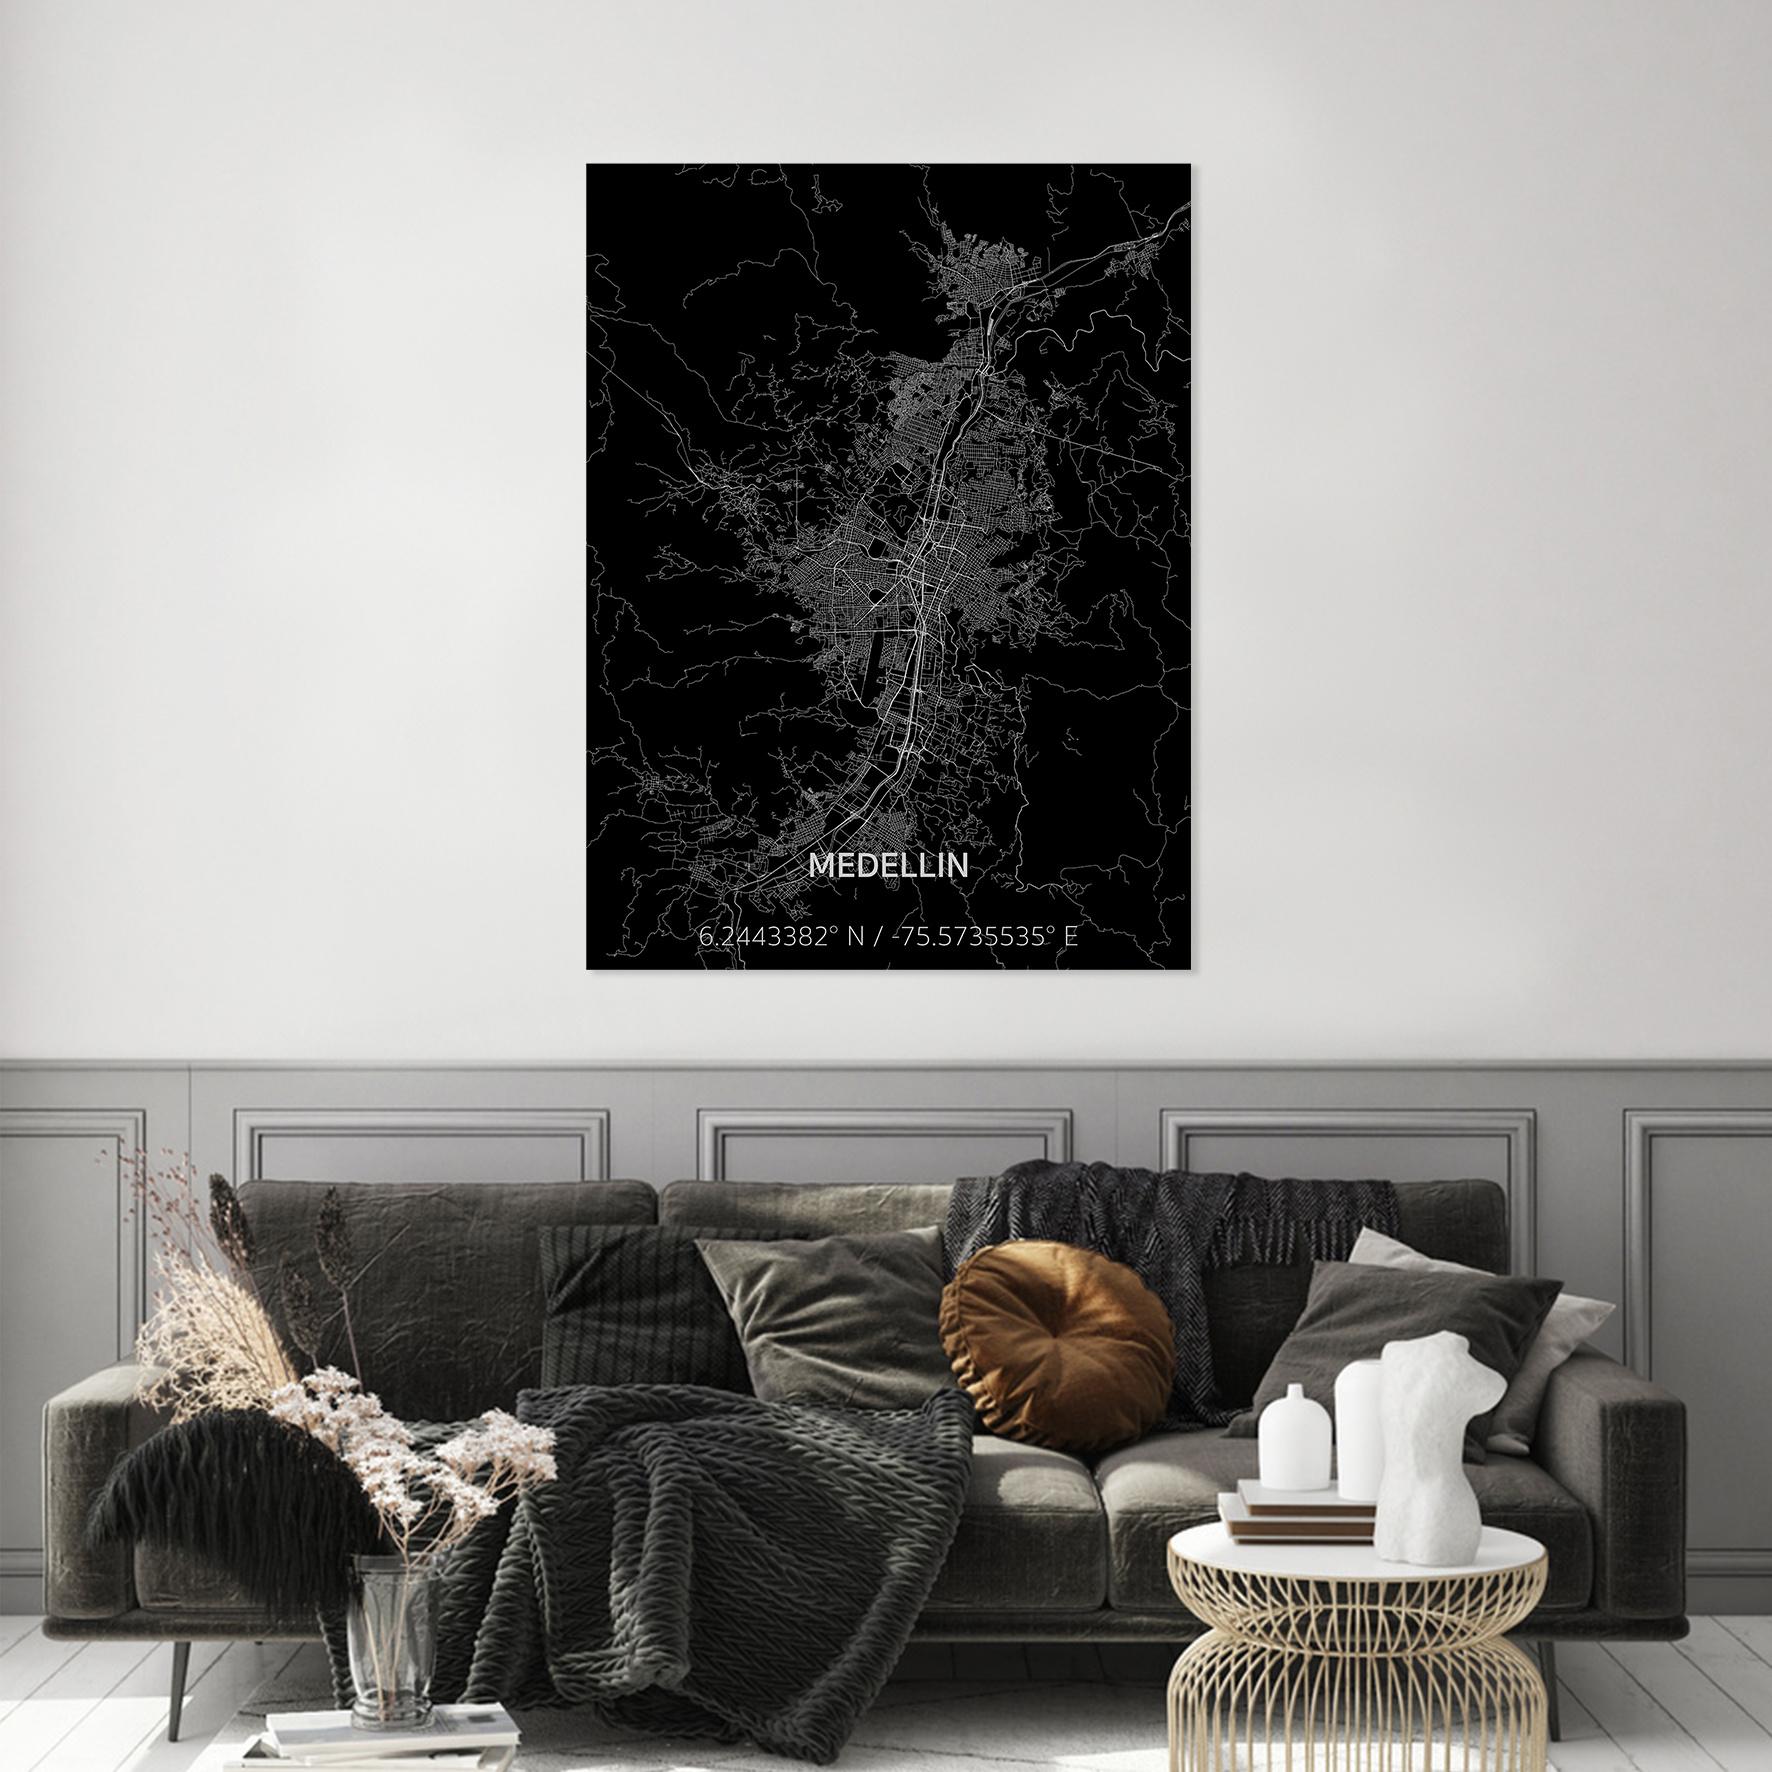 Stadtkarte Medellin | Aluminium Wanddekoration-2